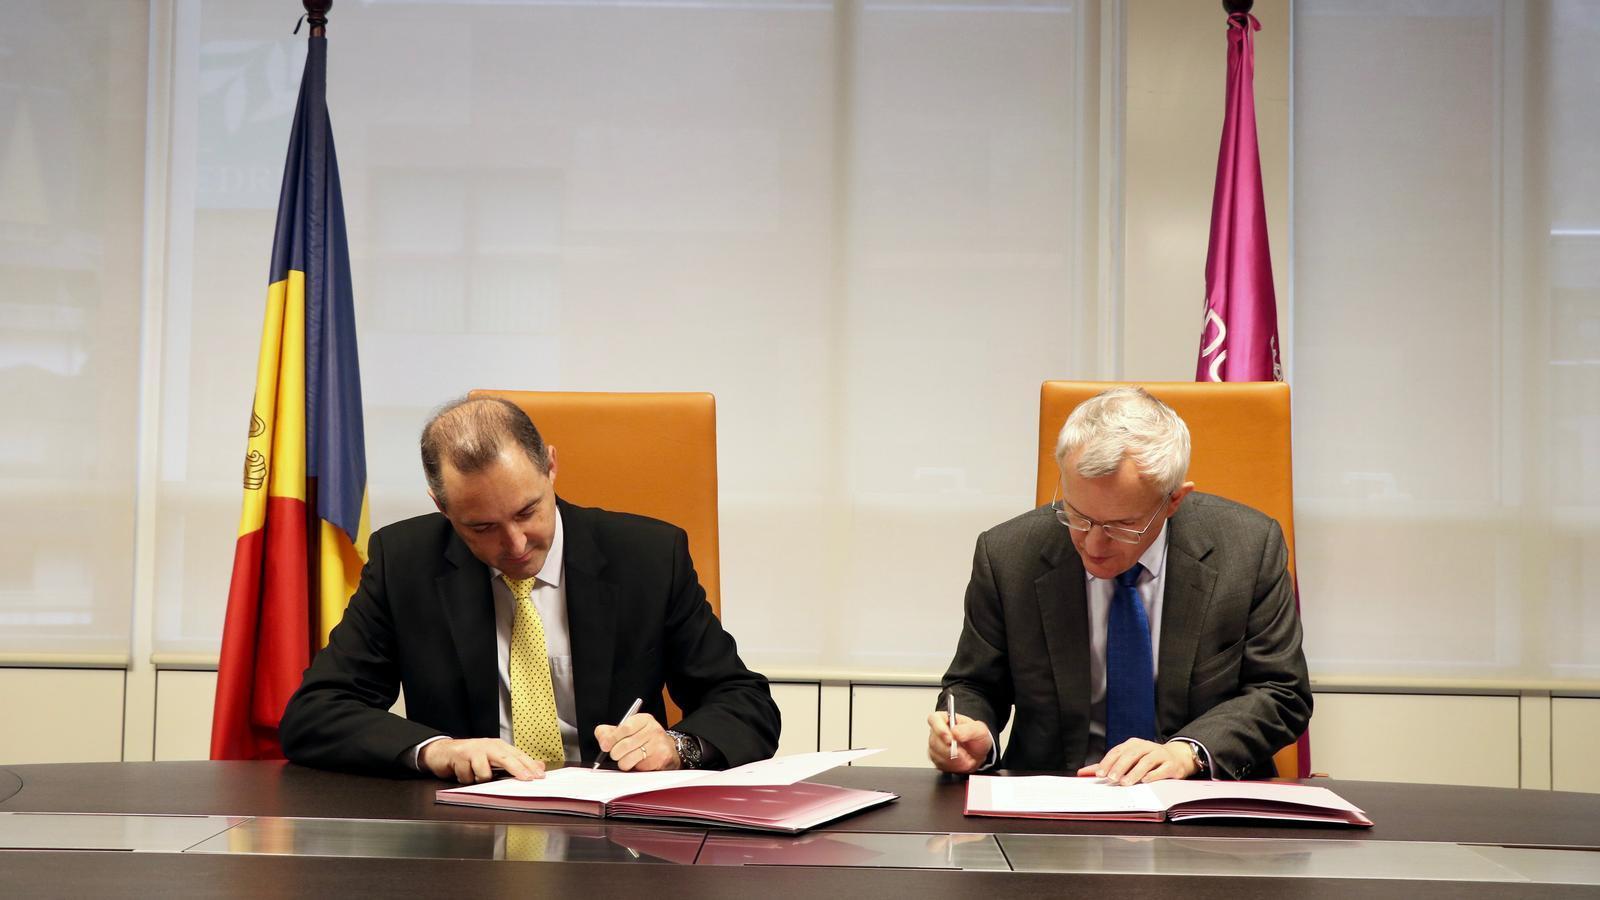 El director general d'Andorra Telecom, Jordi Nadal, i el seu homòleg de JT, Graeme Millar, han signat l'acord. / ANDORRA TELECOM